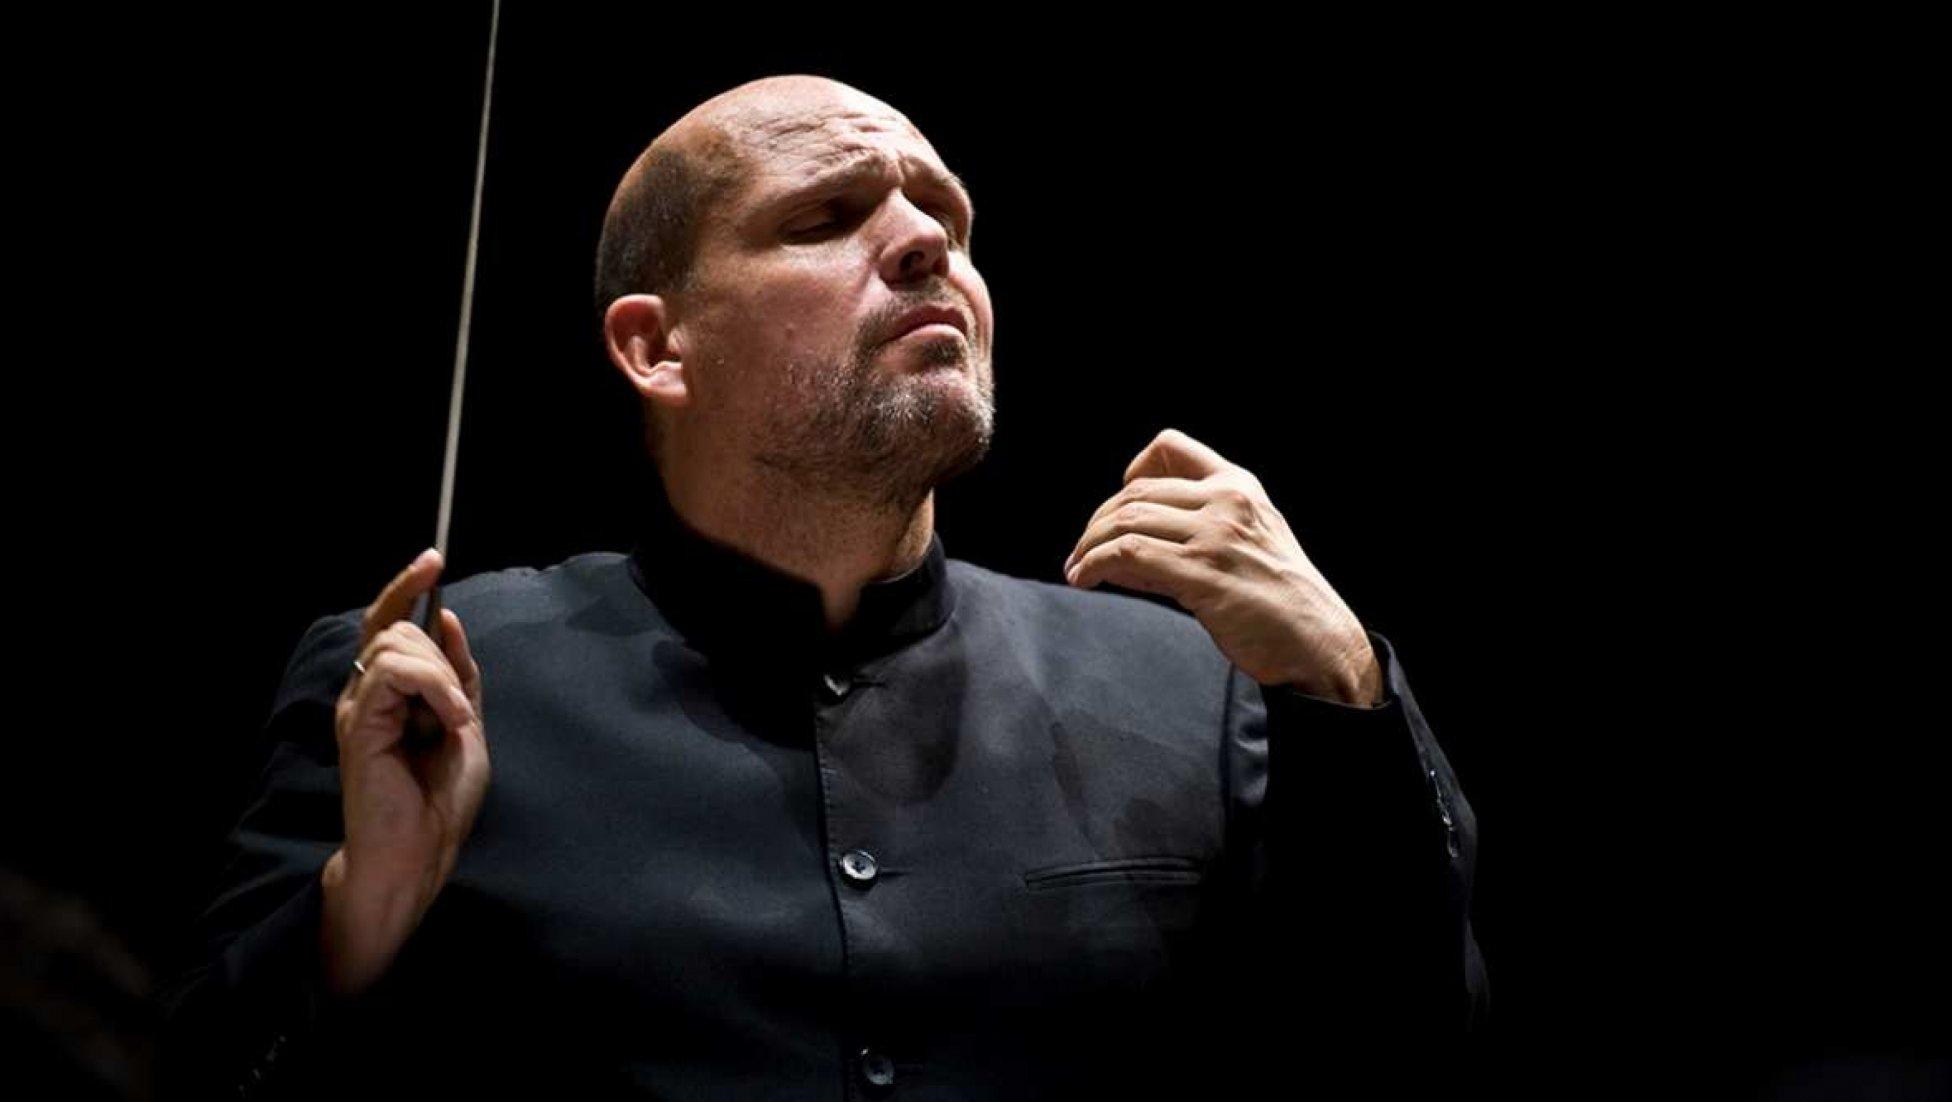 Concertgebouworkest Kerstmatinee: Jaap van Zweden